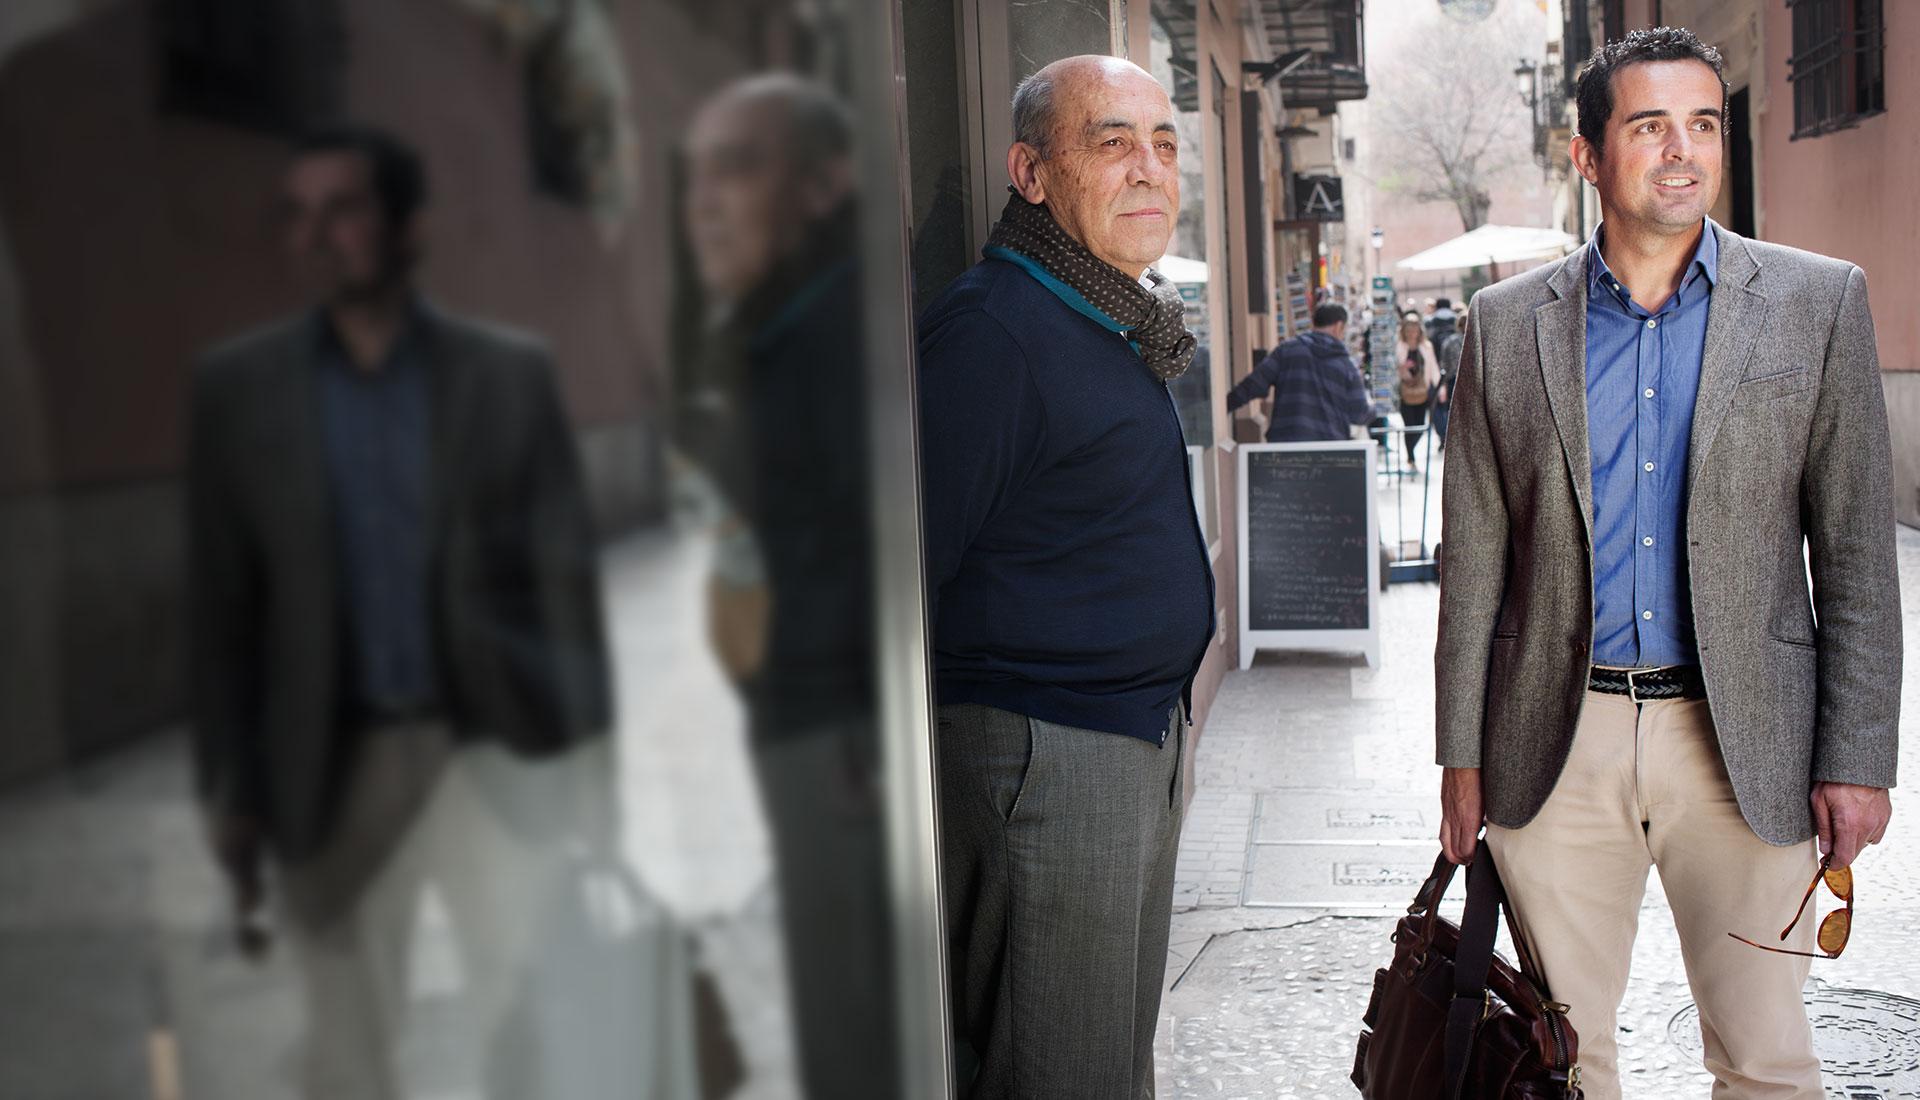 deux hommes discutent dans une rue commerçante